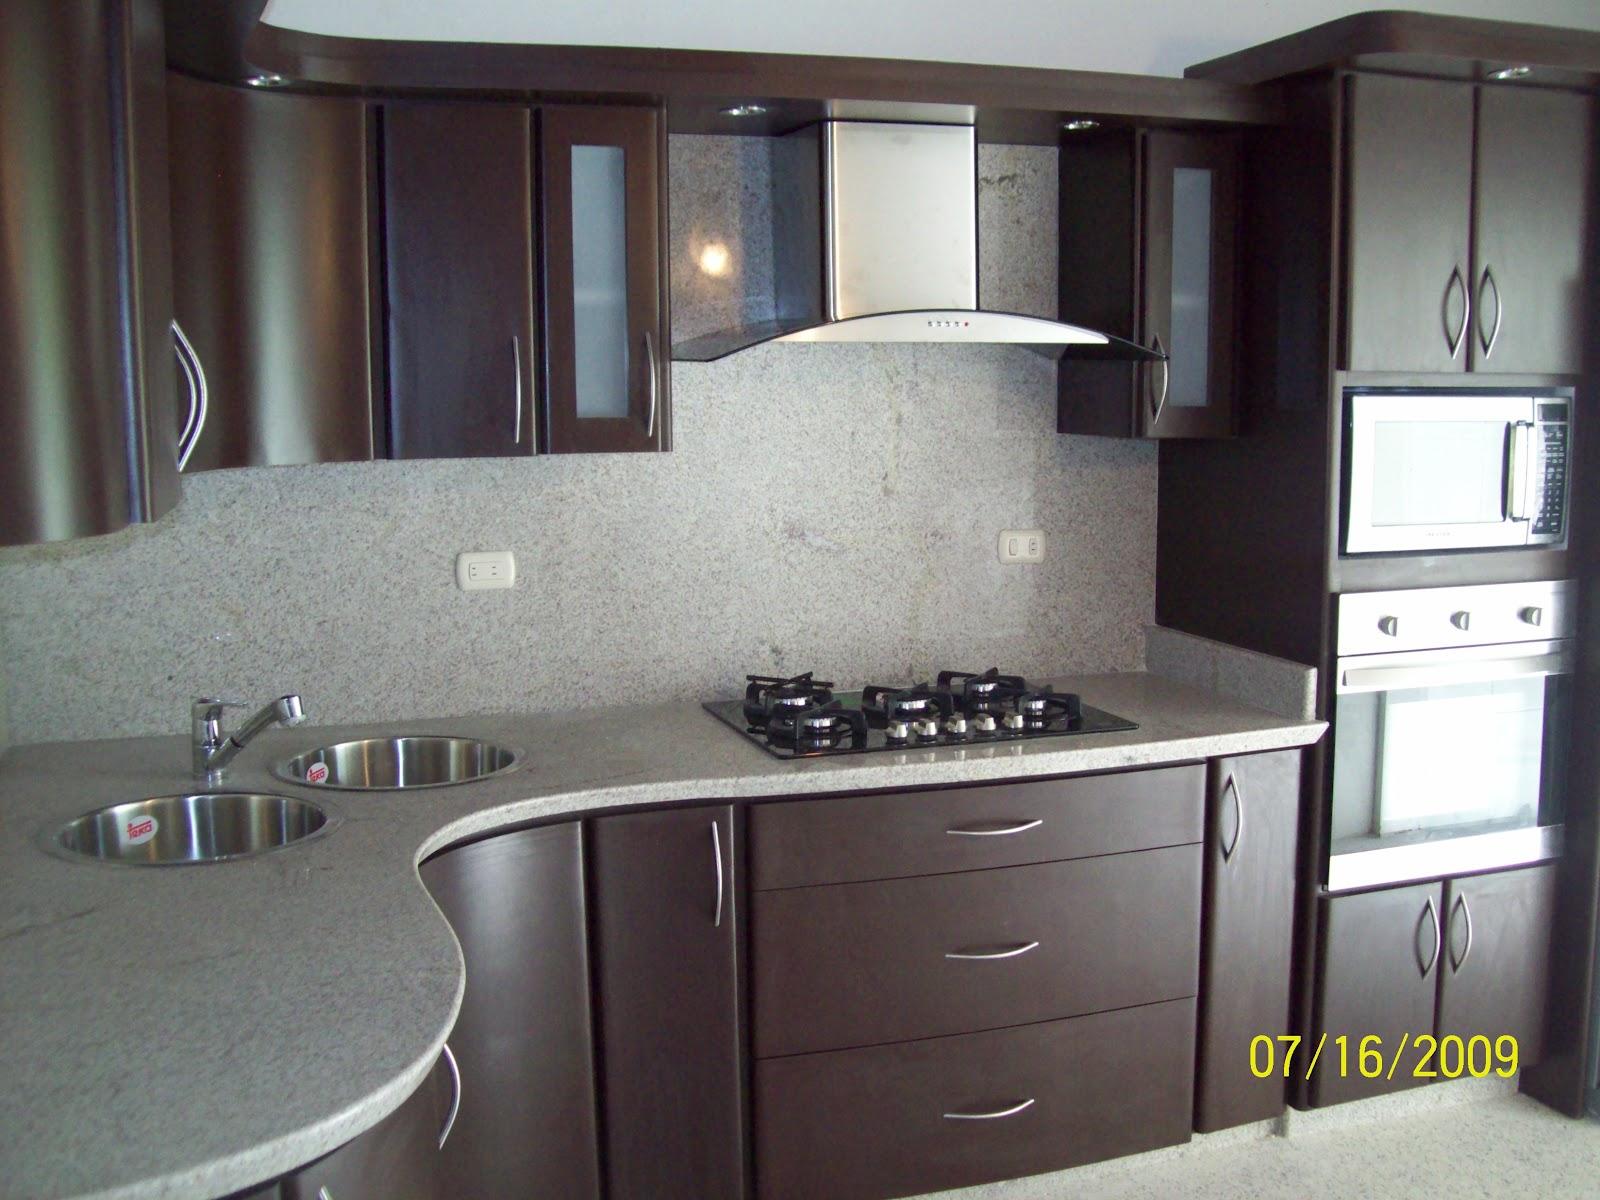 Marmoles y granito for Marmoles y granitos para cocinas